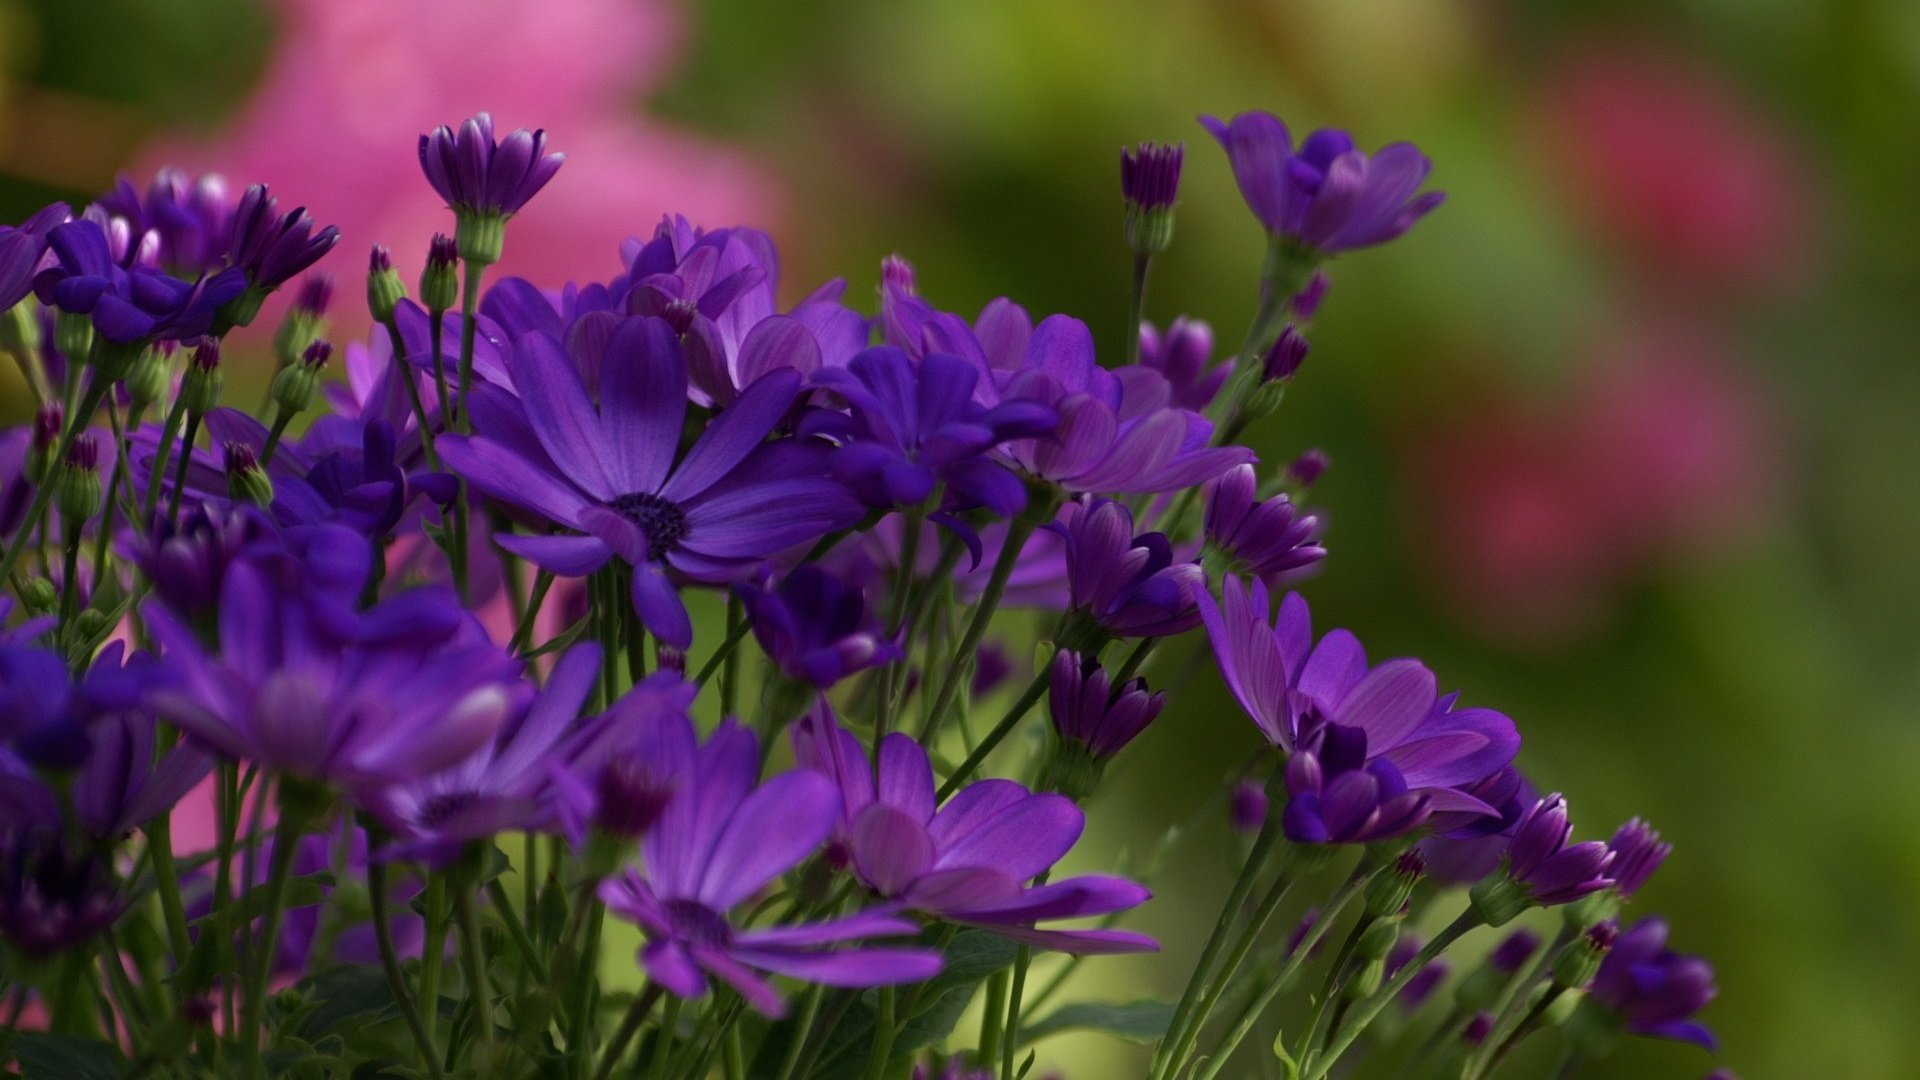 обои на телефон летние цветы осенне зимний период